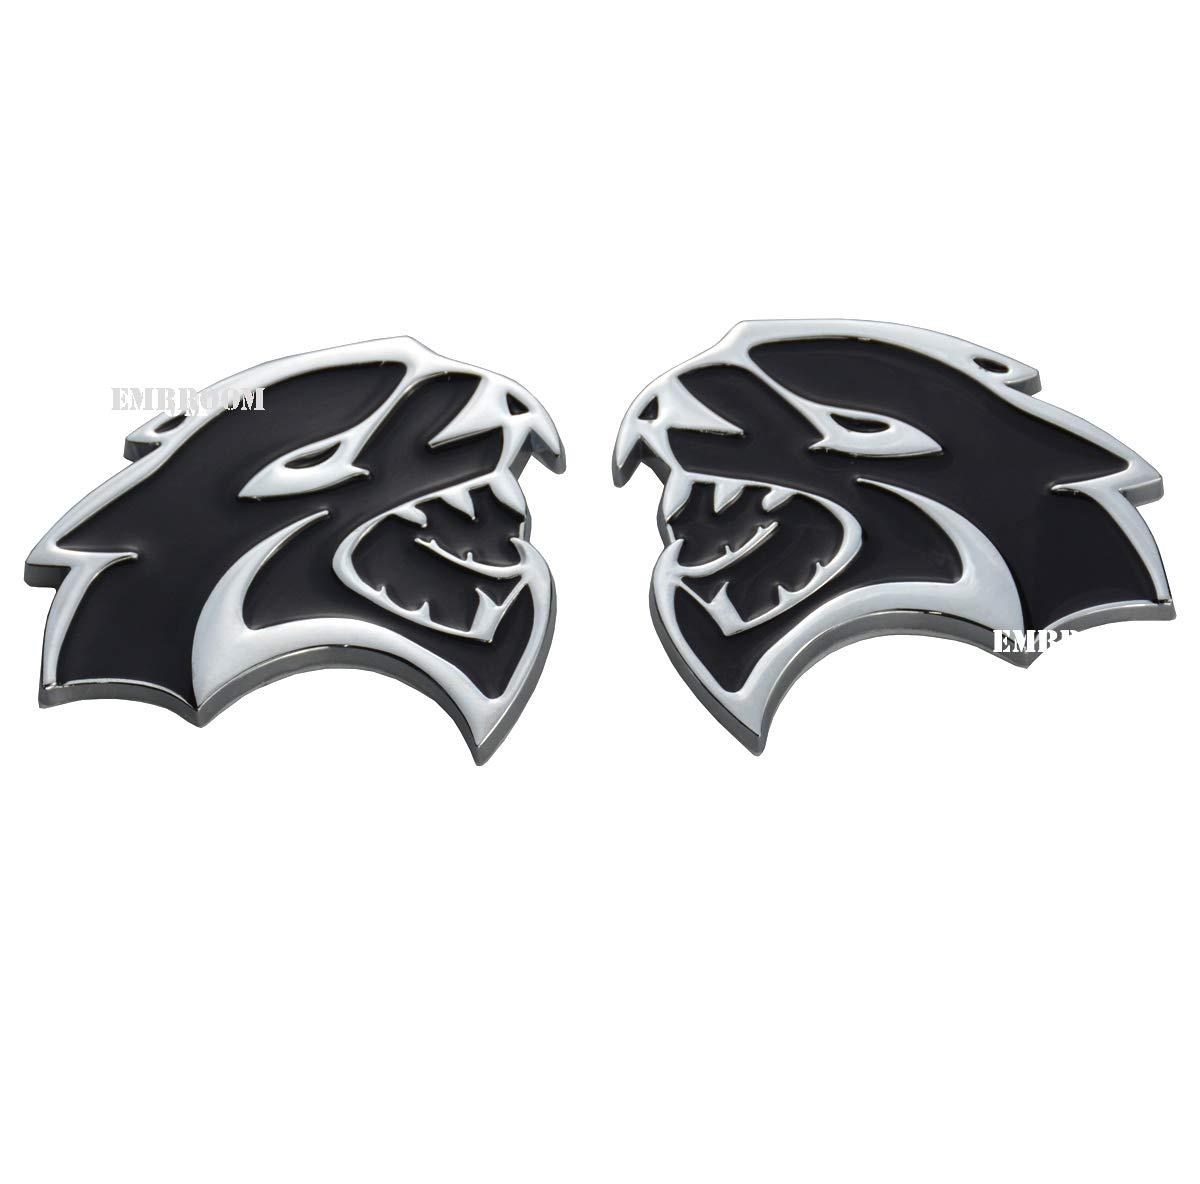 2pcs Hellcat Metal Side Badge Emblems 3D Logo Nameplate Stickers Decals Compatible for Chrysler Dodge Challenger Charger SRT Black